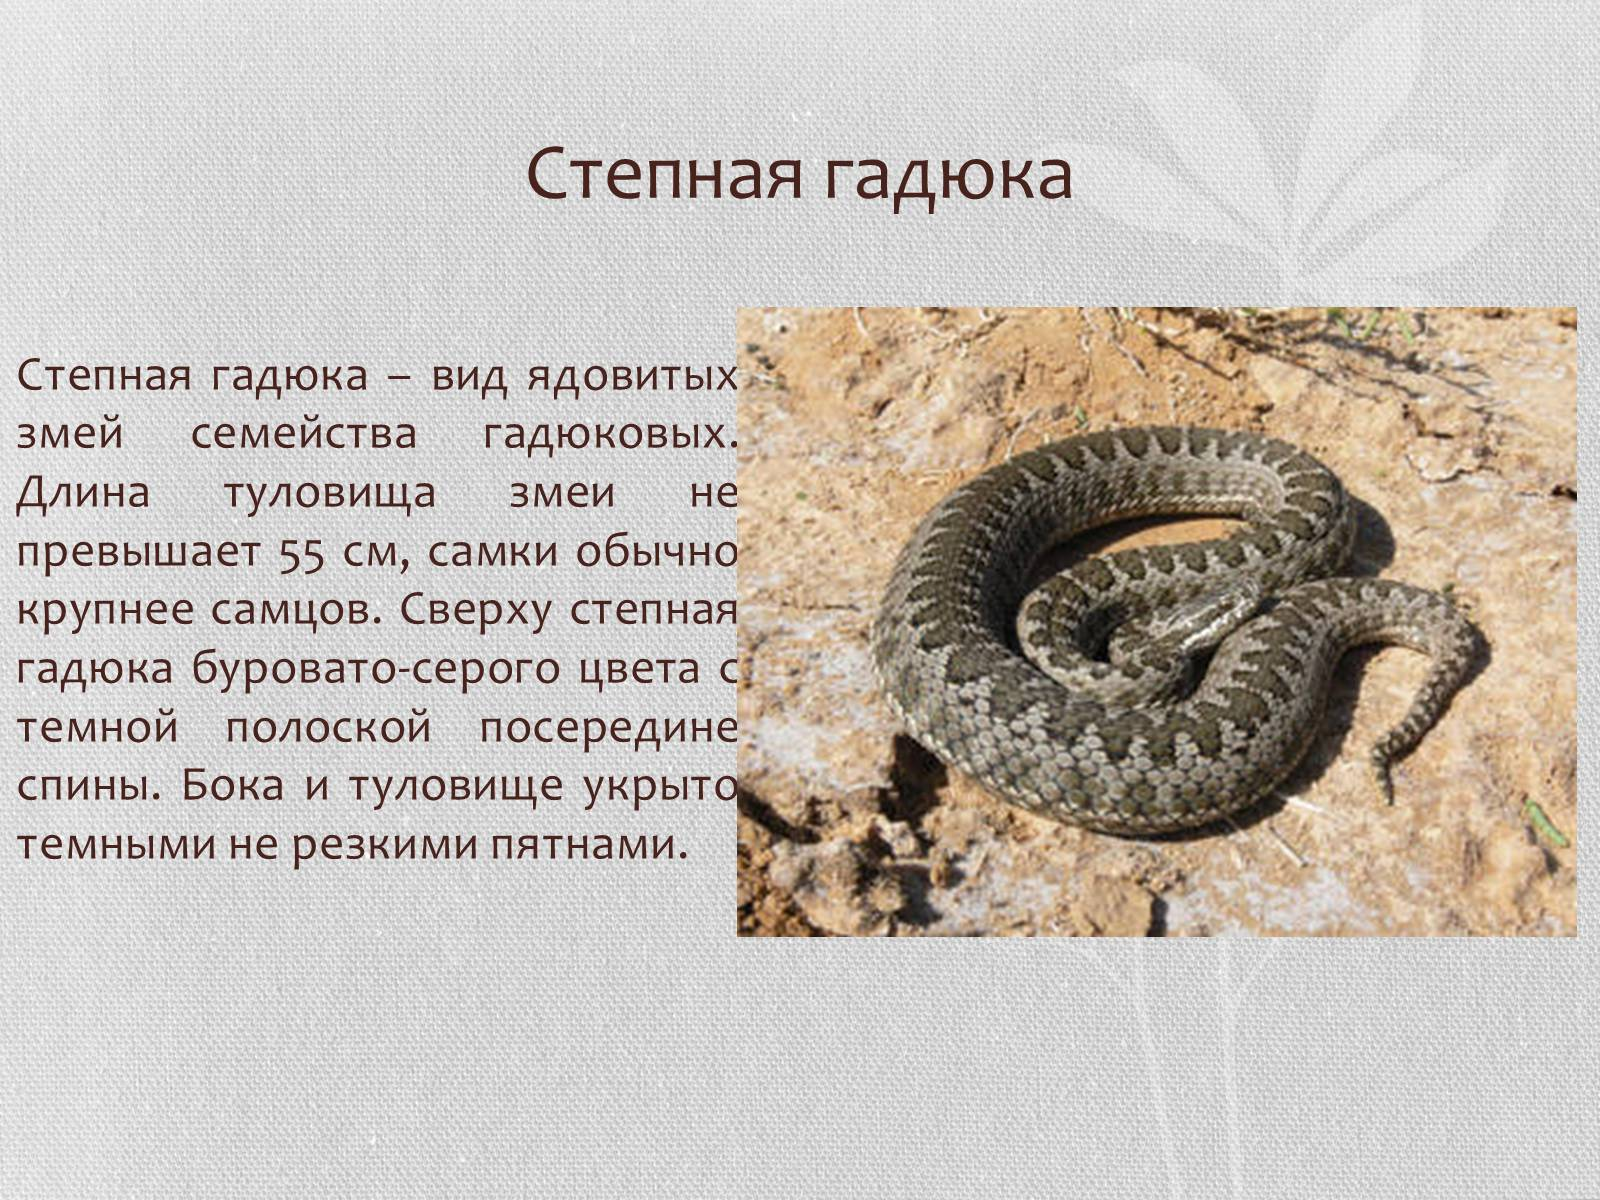 Гадюка обыкновенная: особенности змеи